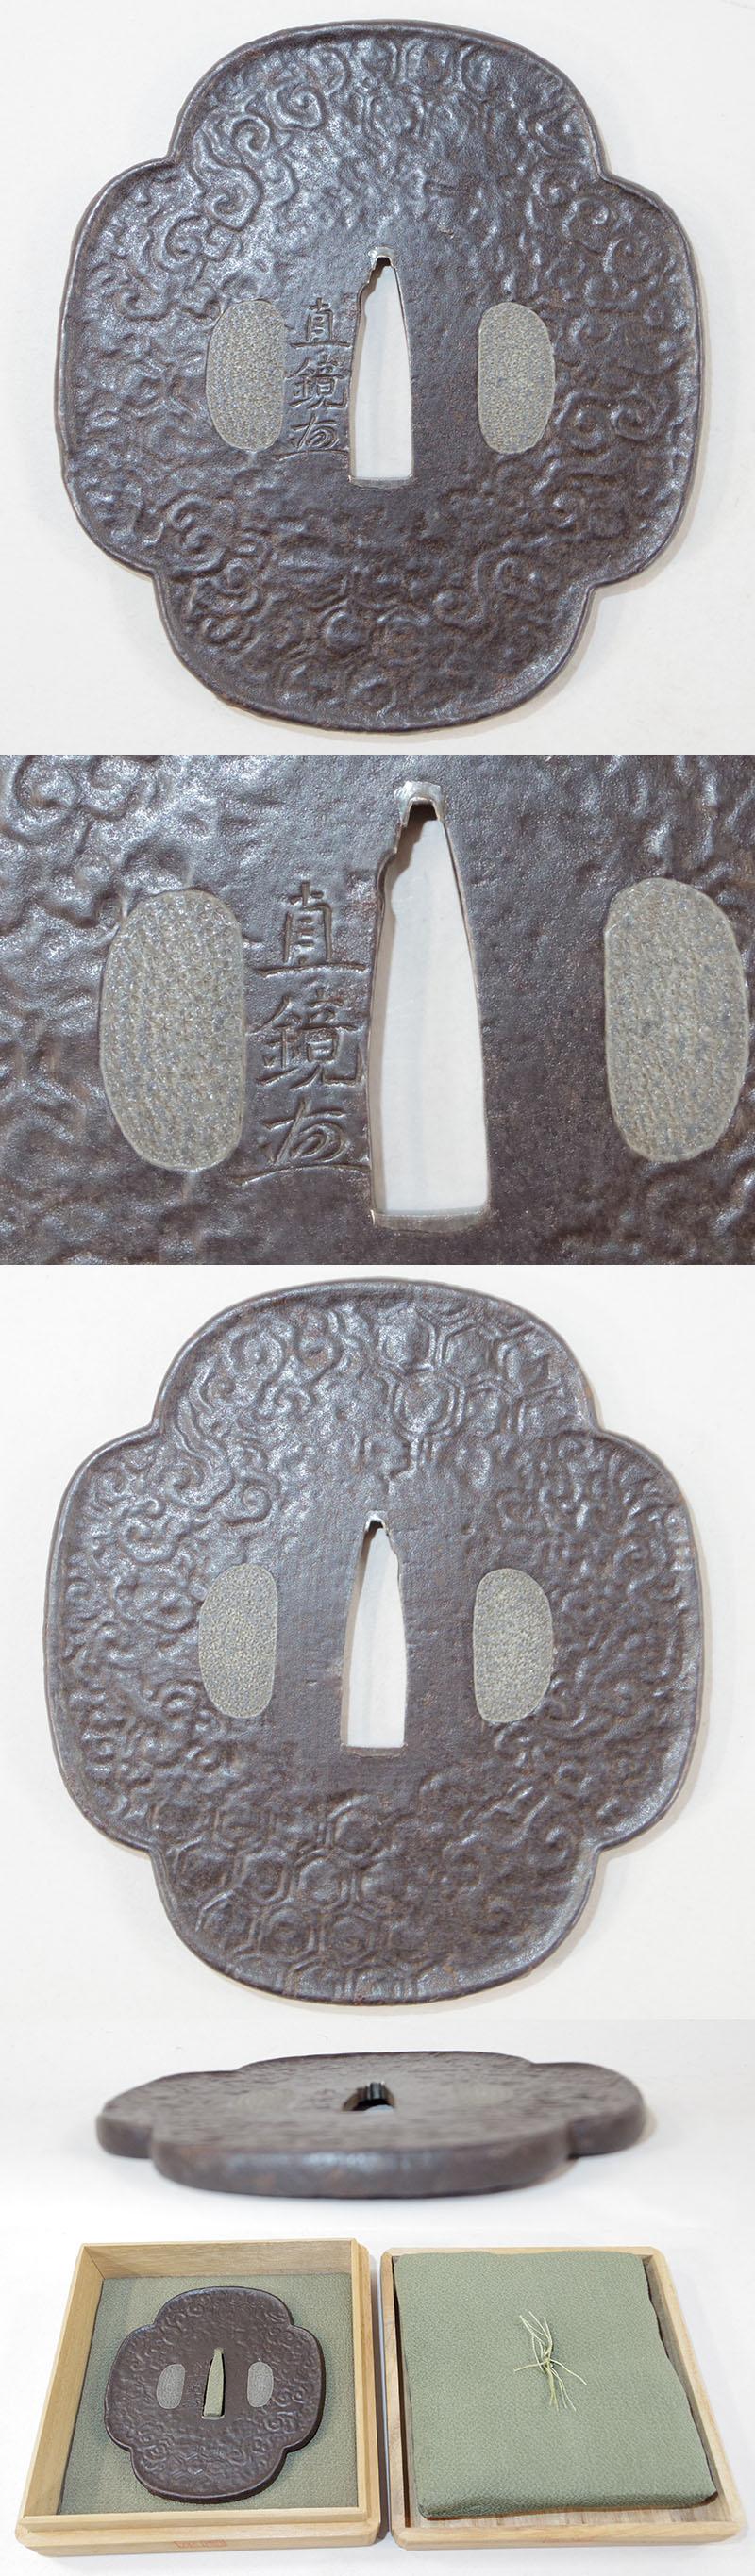 雲文破れ亀甲図鍔 直鏡(花押)(次郎太郎藤原直勝の門人) Picture of parts